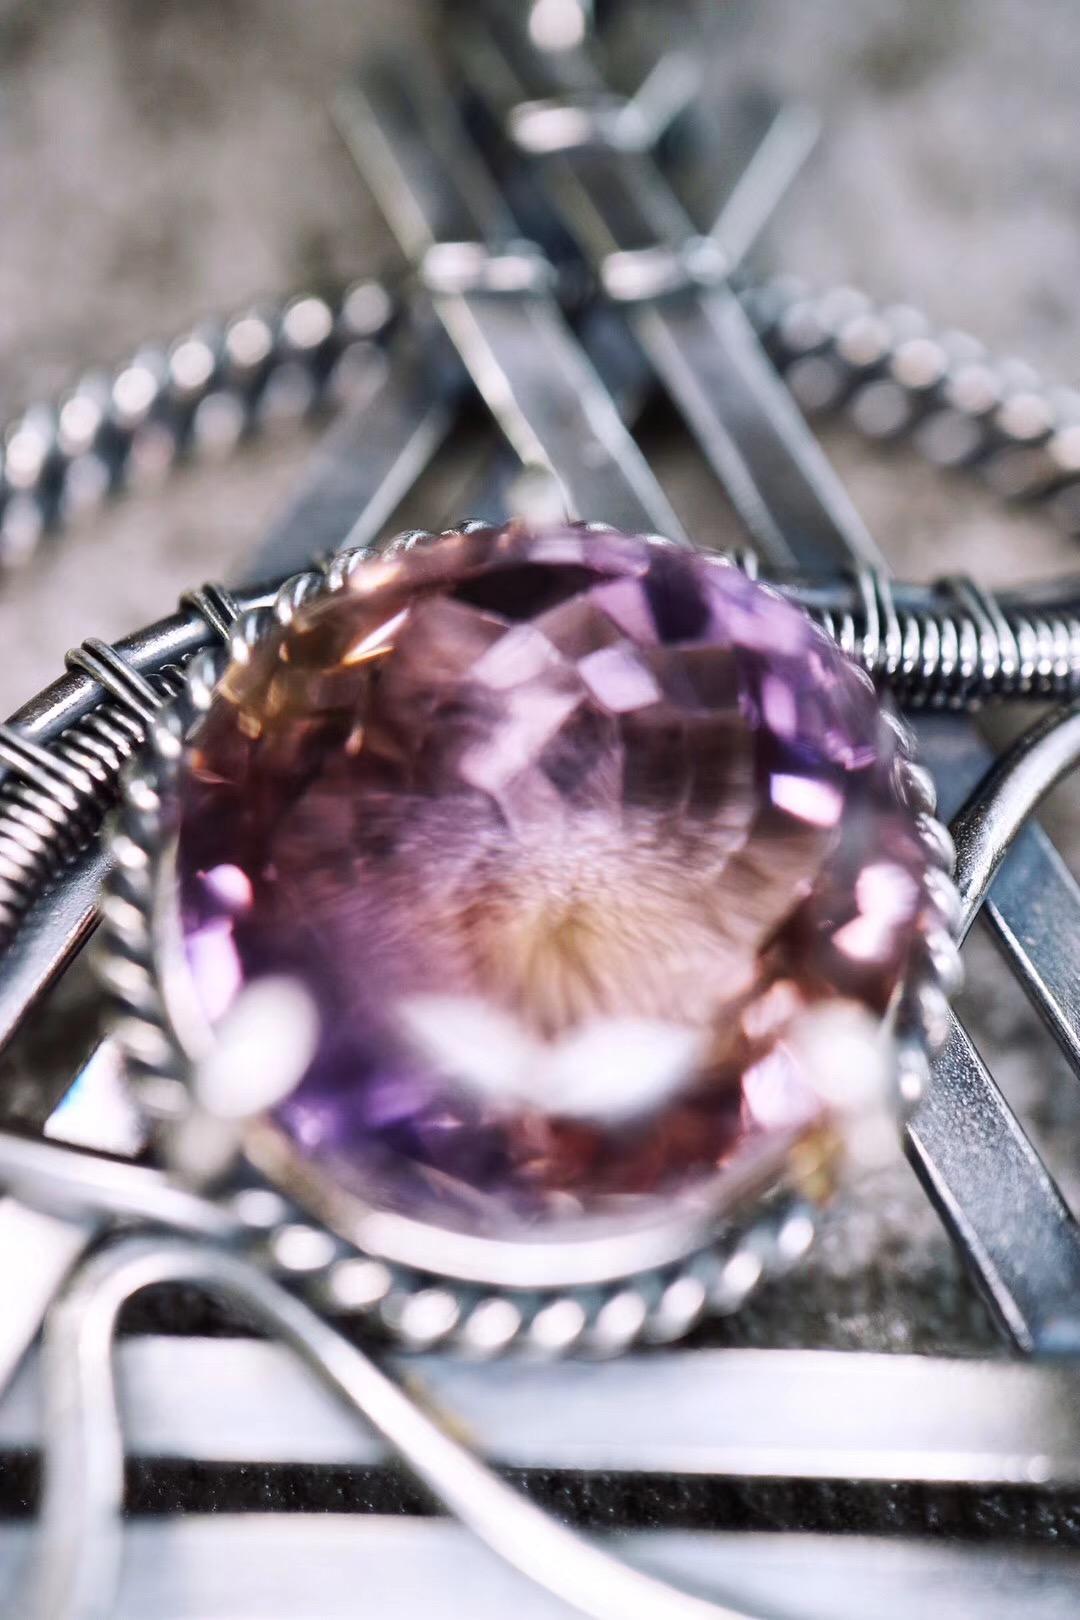 【菩心-紫黄晶】奉上一枚智慧之眼,你也可以叫他空灵。-菩心晶舍